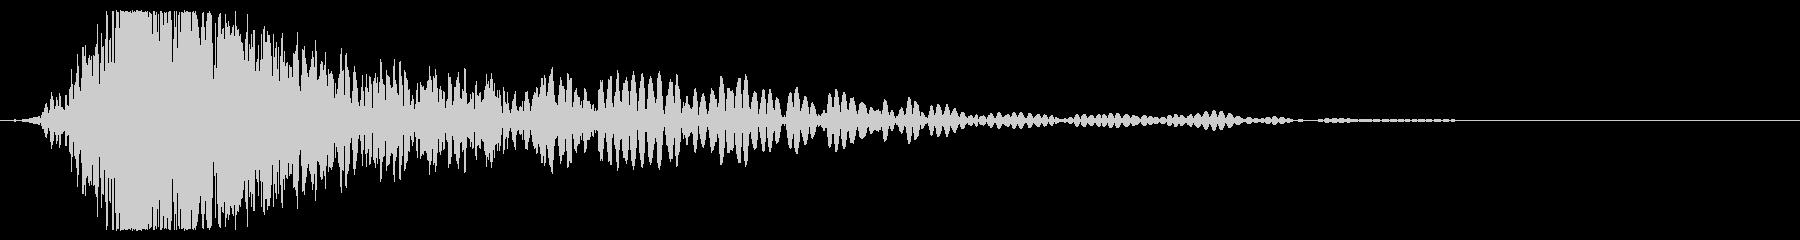 レイルガン:シングル:Shot O...の未再生の波形